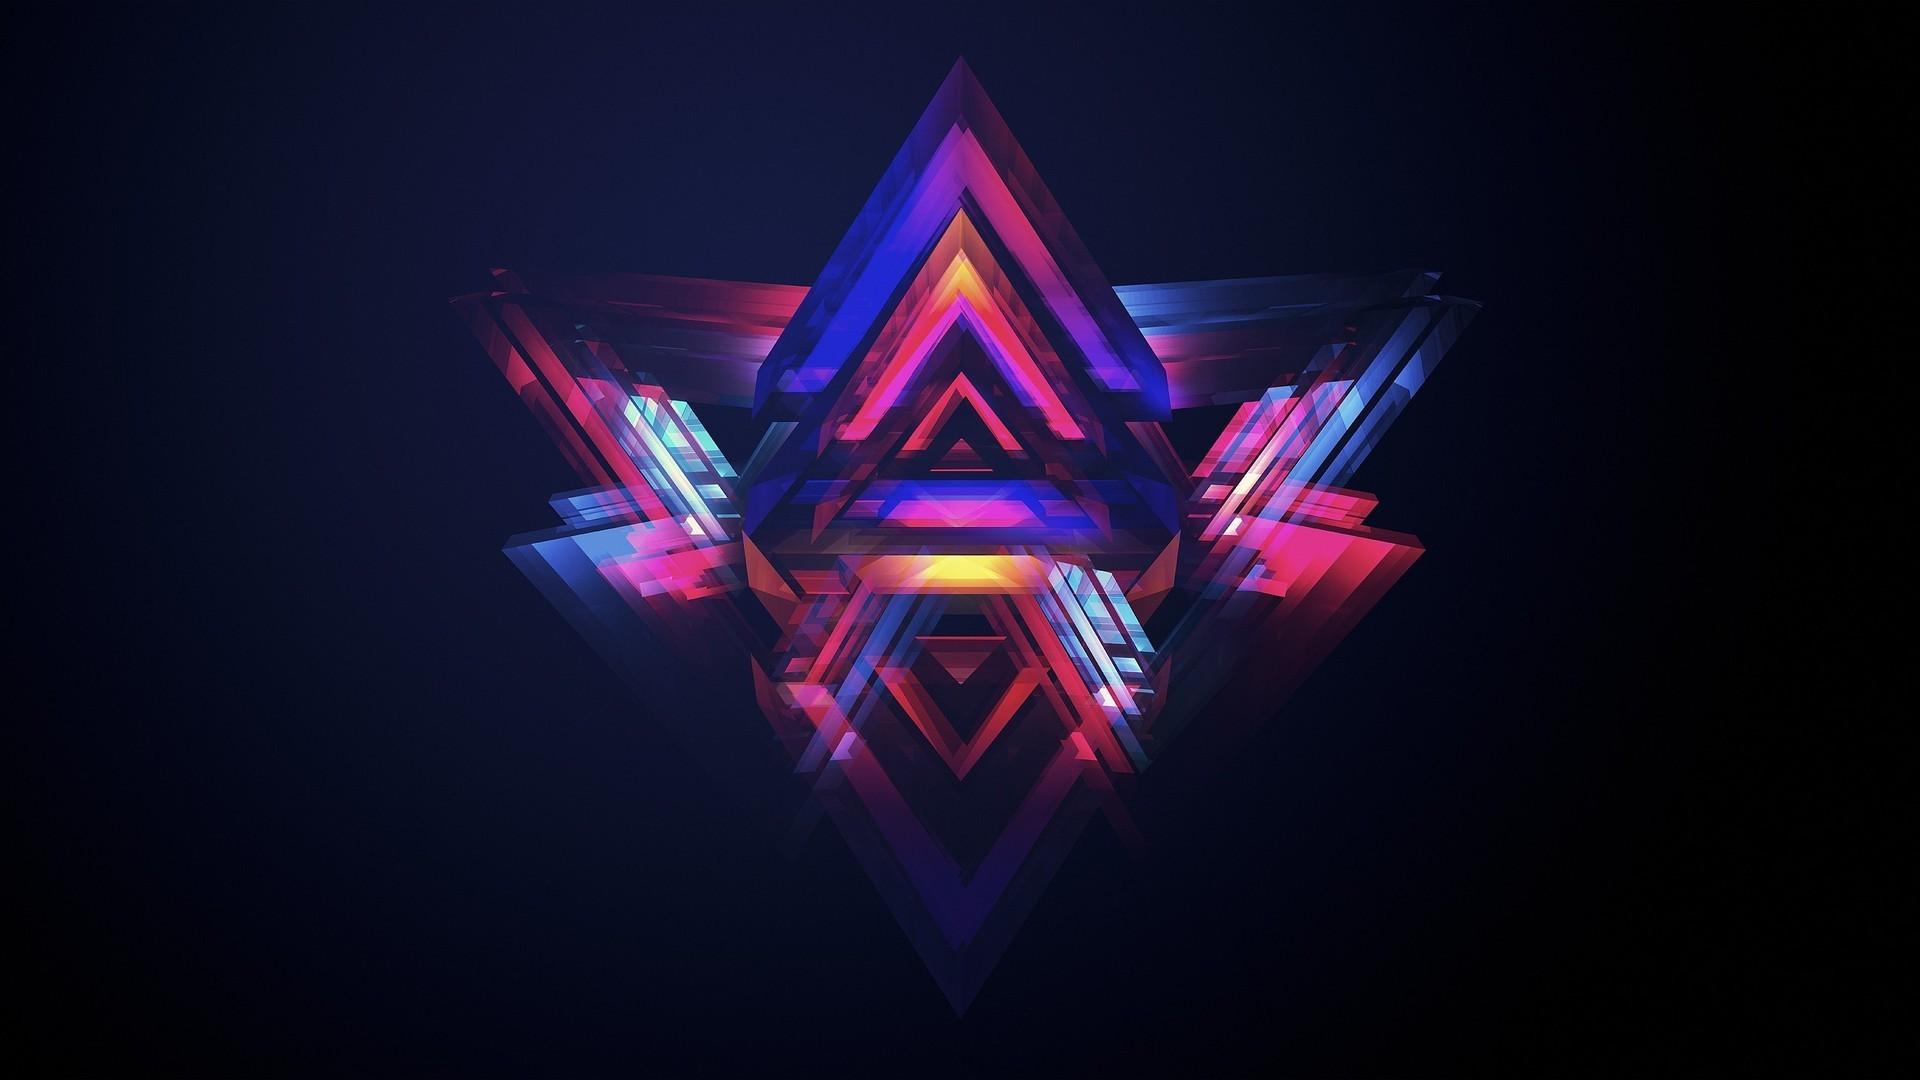 neon pyramids abstract hd wallpaper 1920×1080 3371. ««